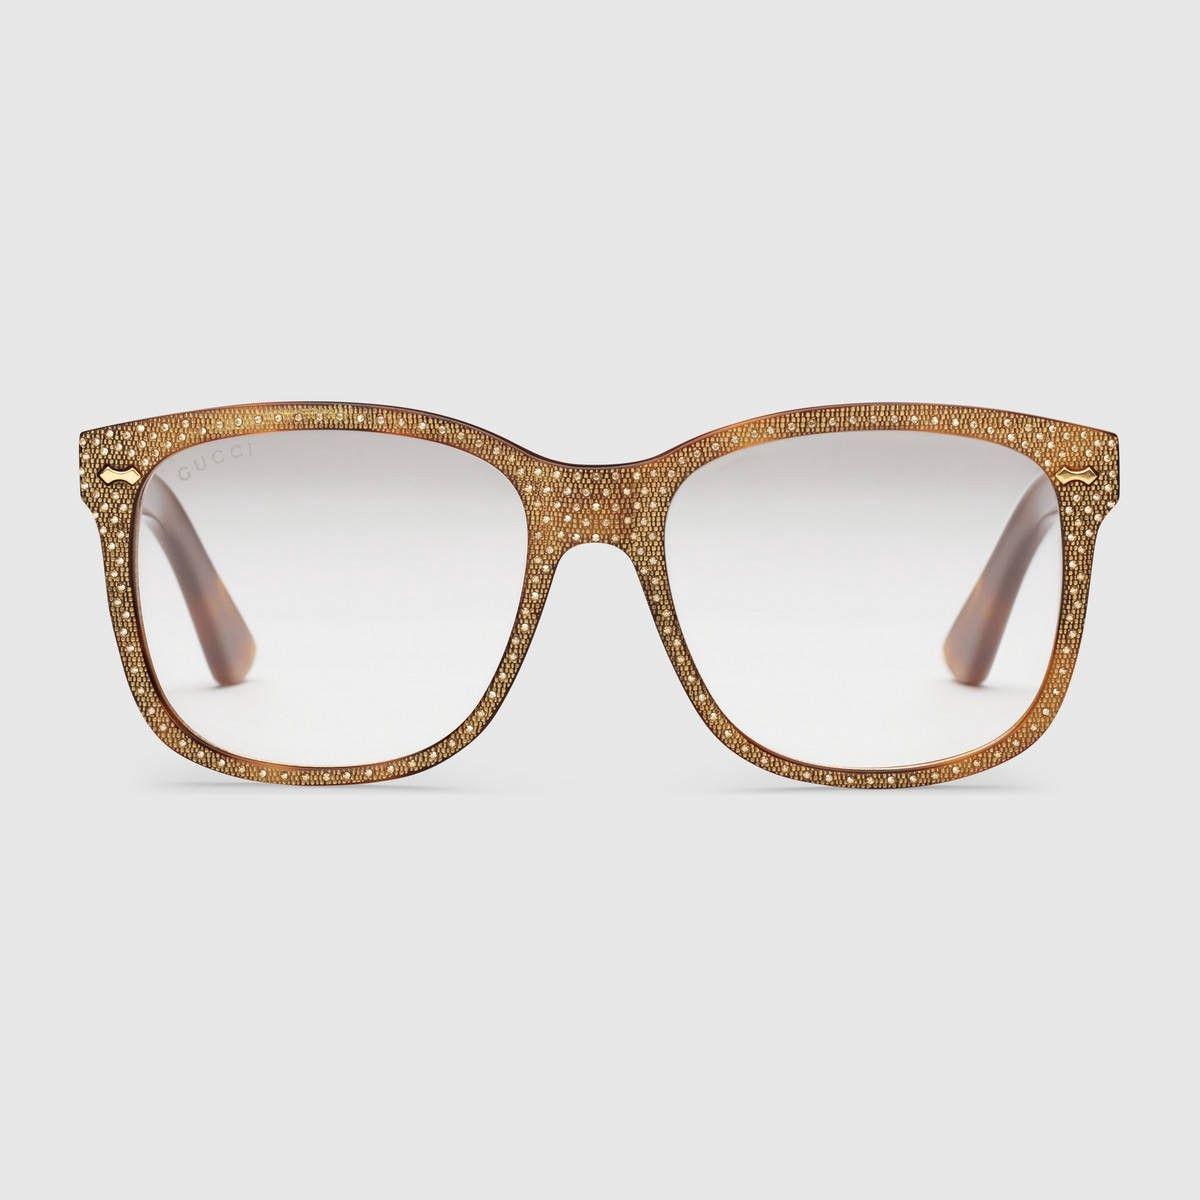 263e62dbea9ff GUCCI Square-Frame Rhinestone Glasses - Tortoiseshell Acetate.  gucci  all